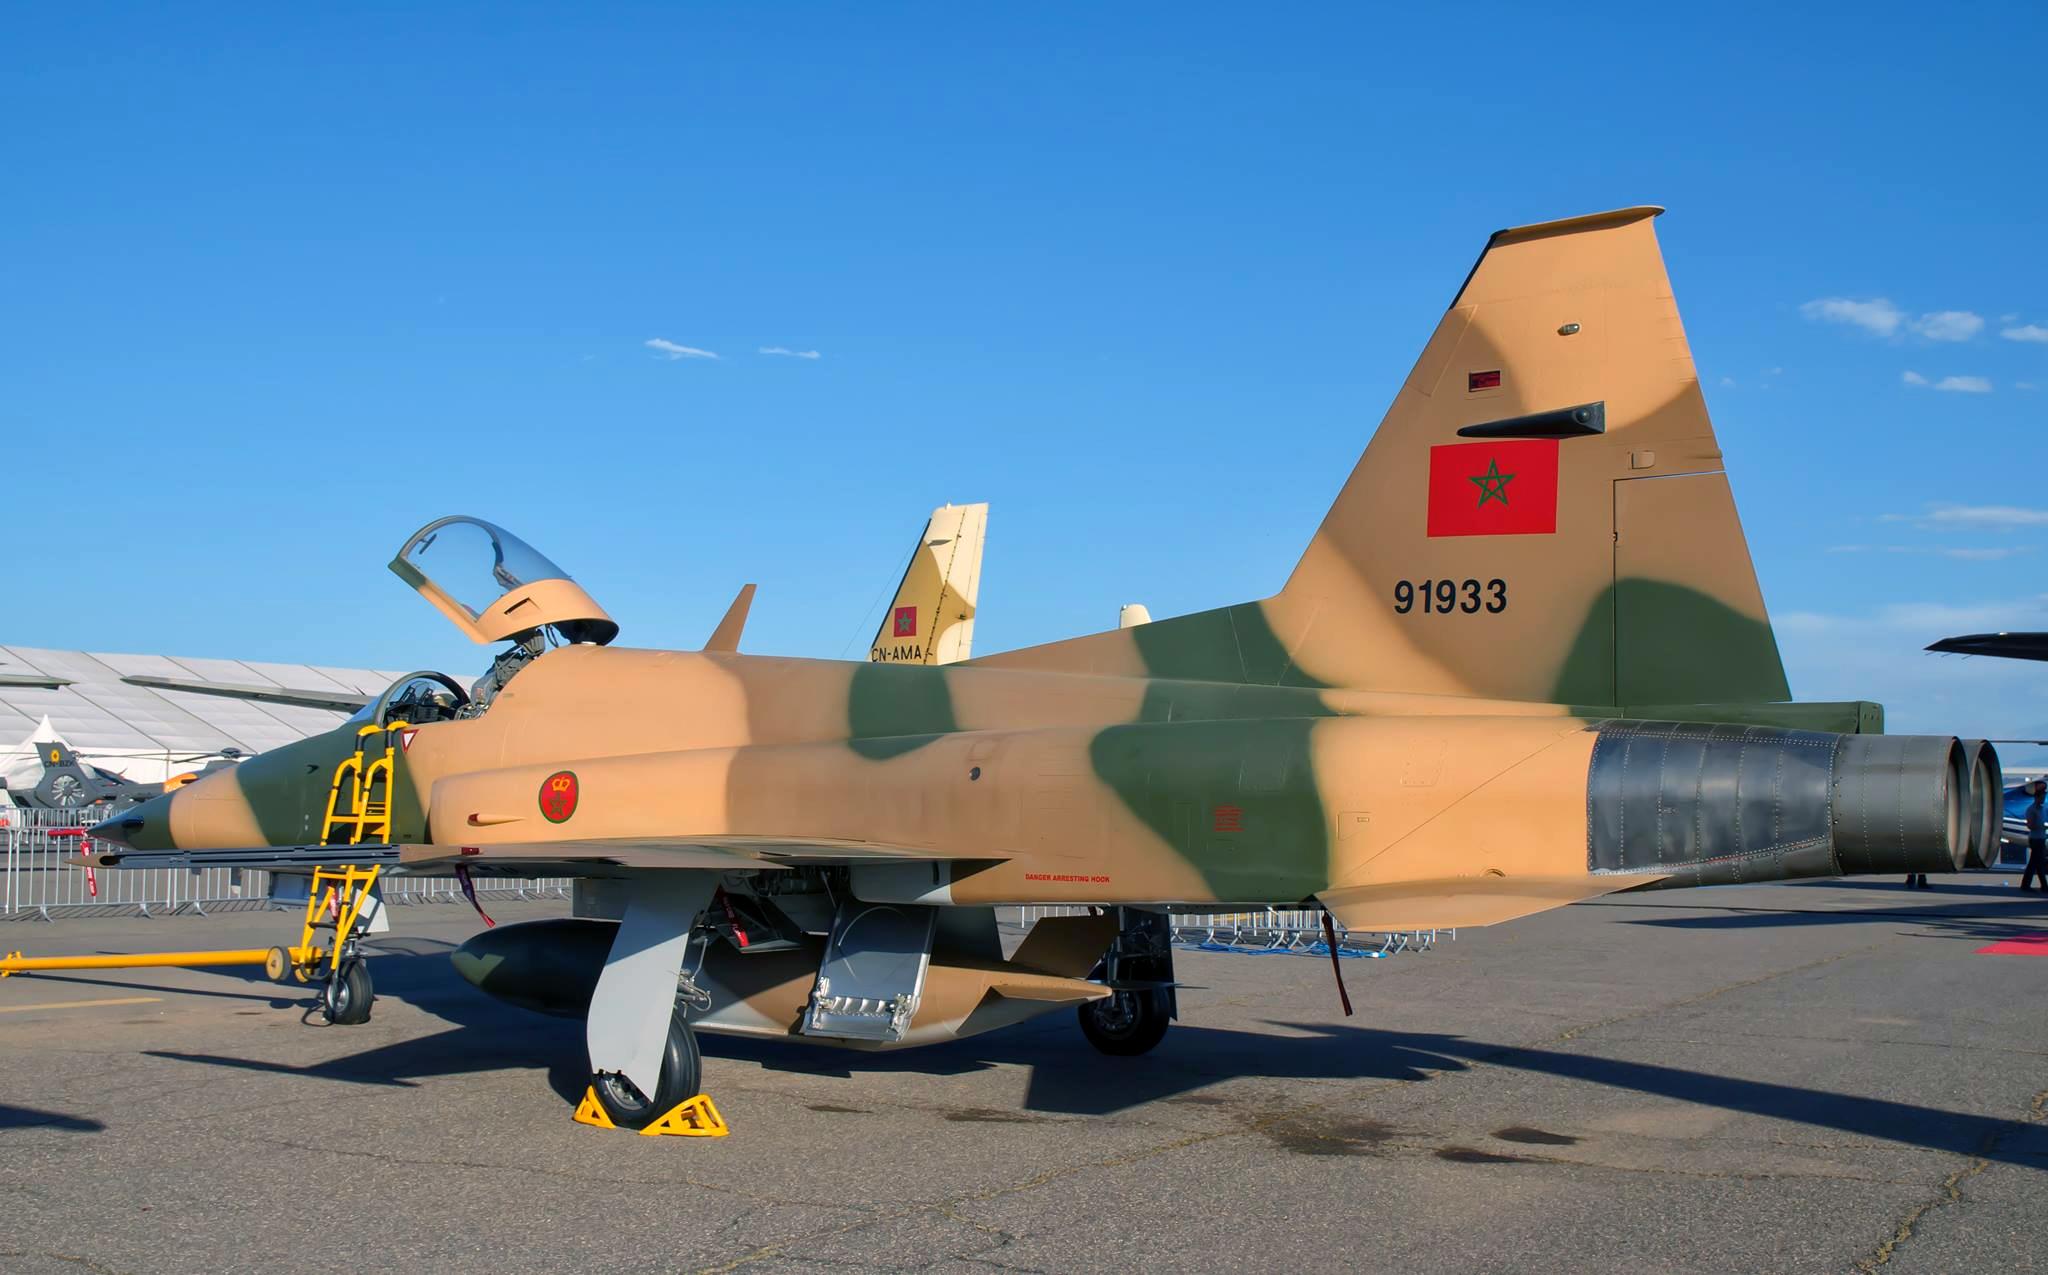 القوات الجوية الملكية المغربية - متجدد - - صفحة 2 16020106365280193